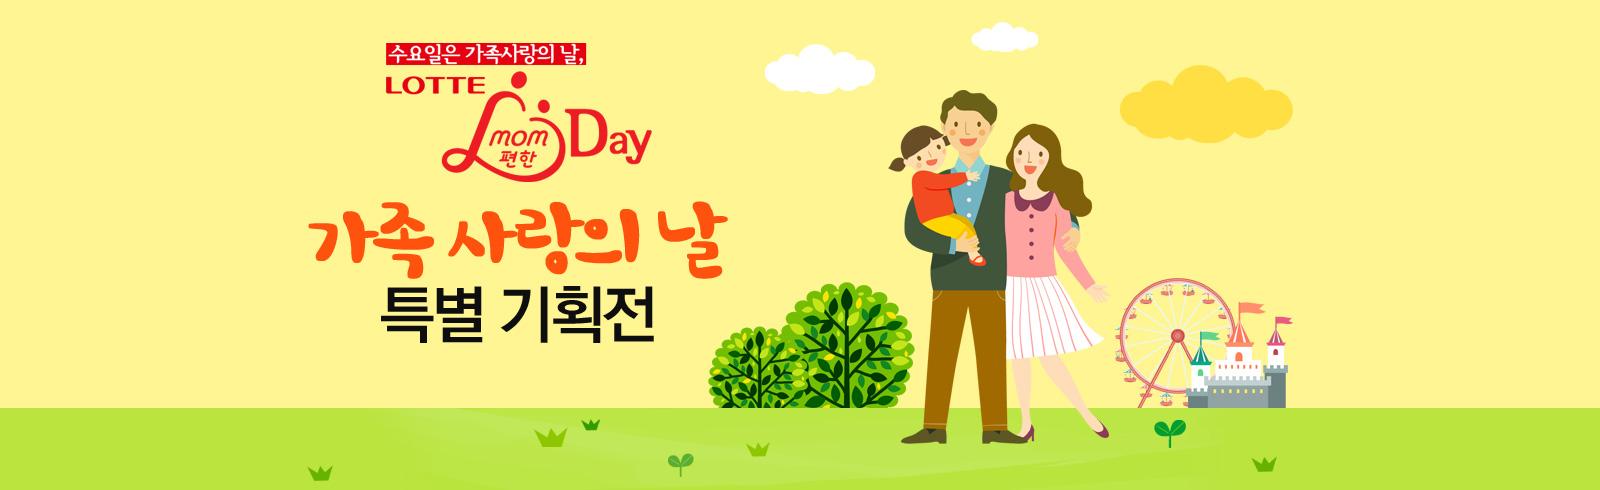 가족사랑의날 특별 기획전